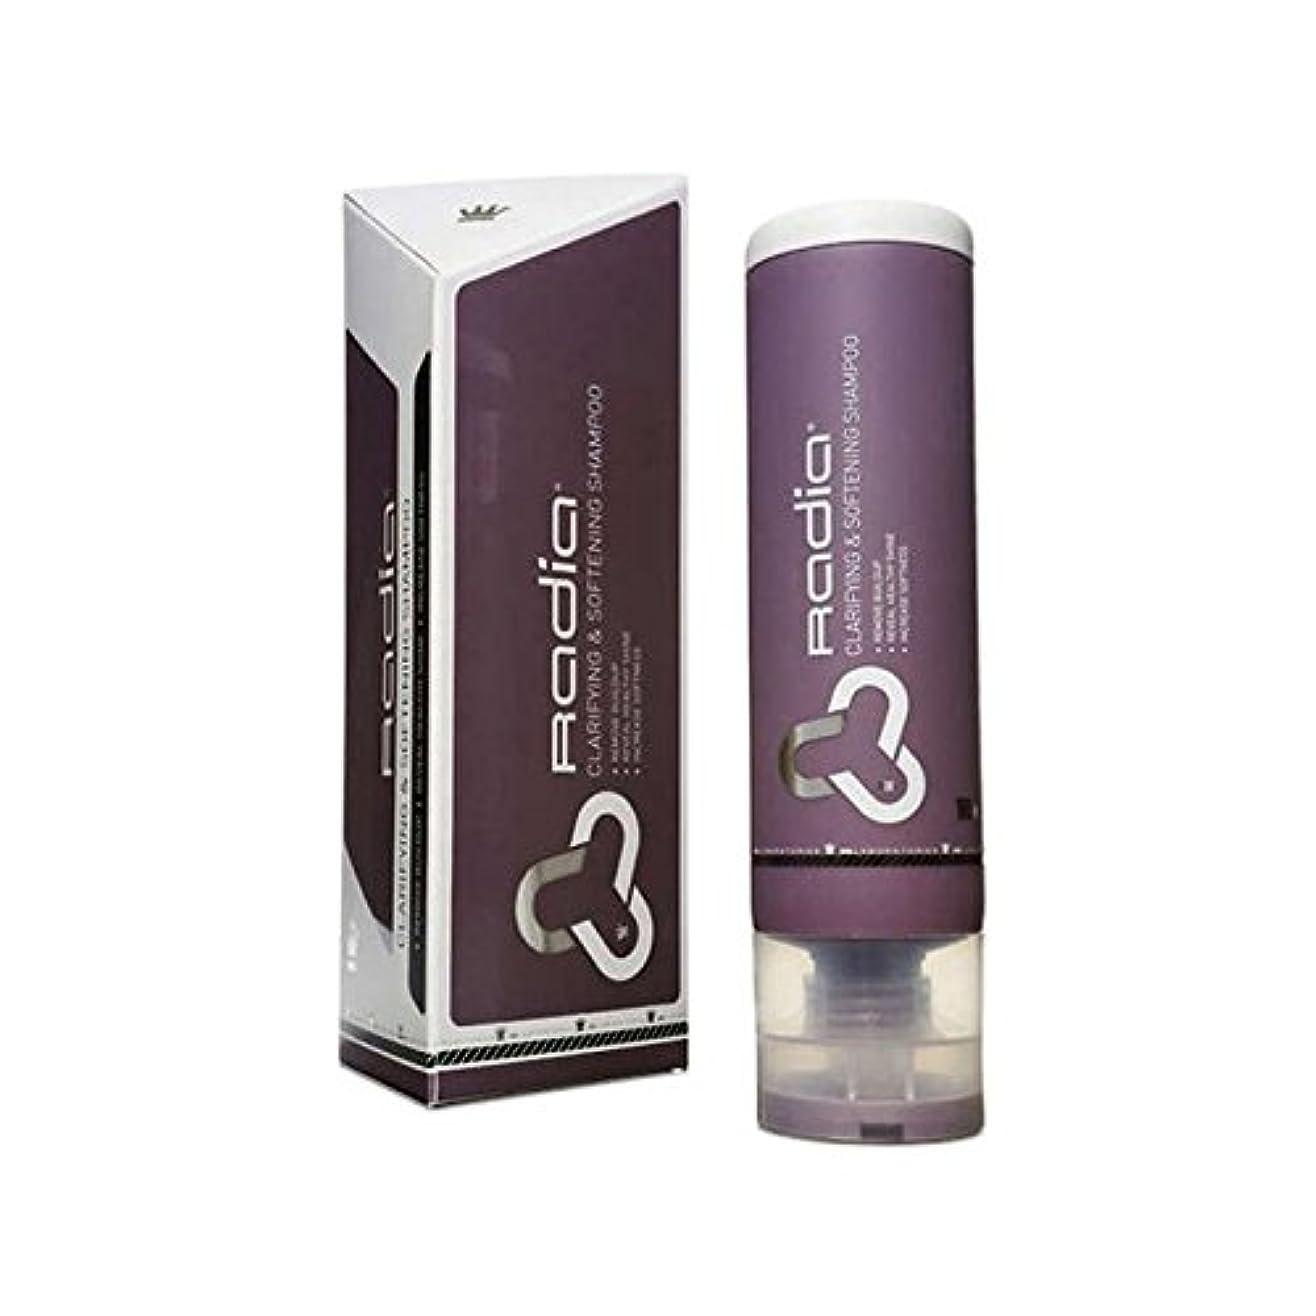 研究所のシャンプー180ミリリットル x2 - Ds Laboratories Radia Shampoo 180ml (Pack of 2) [並行輸入品]